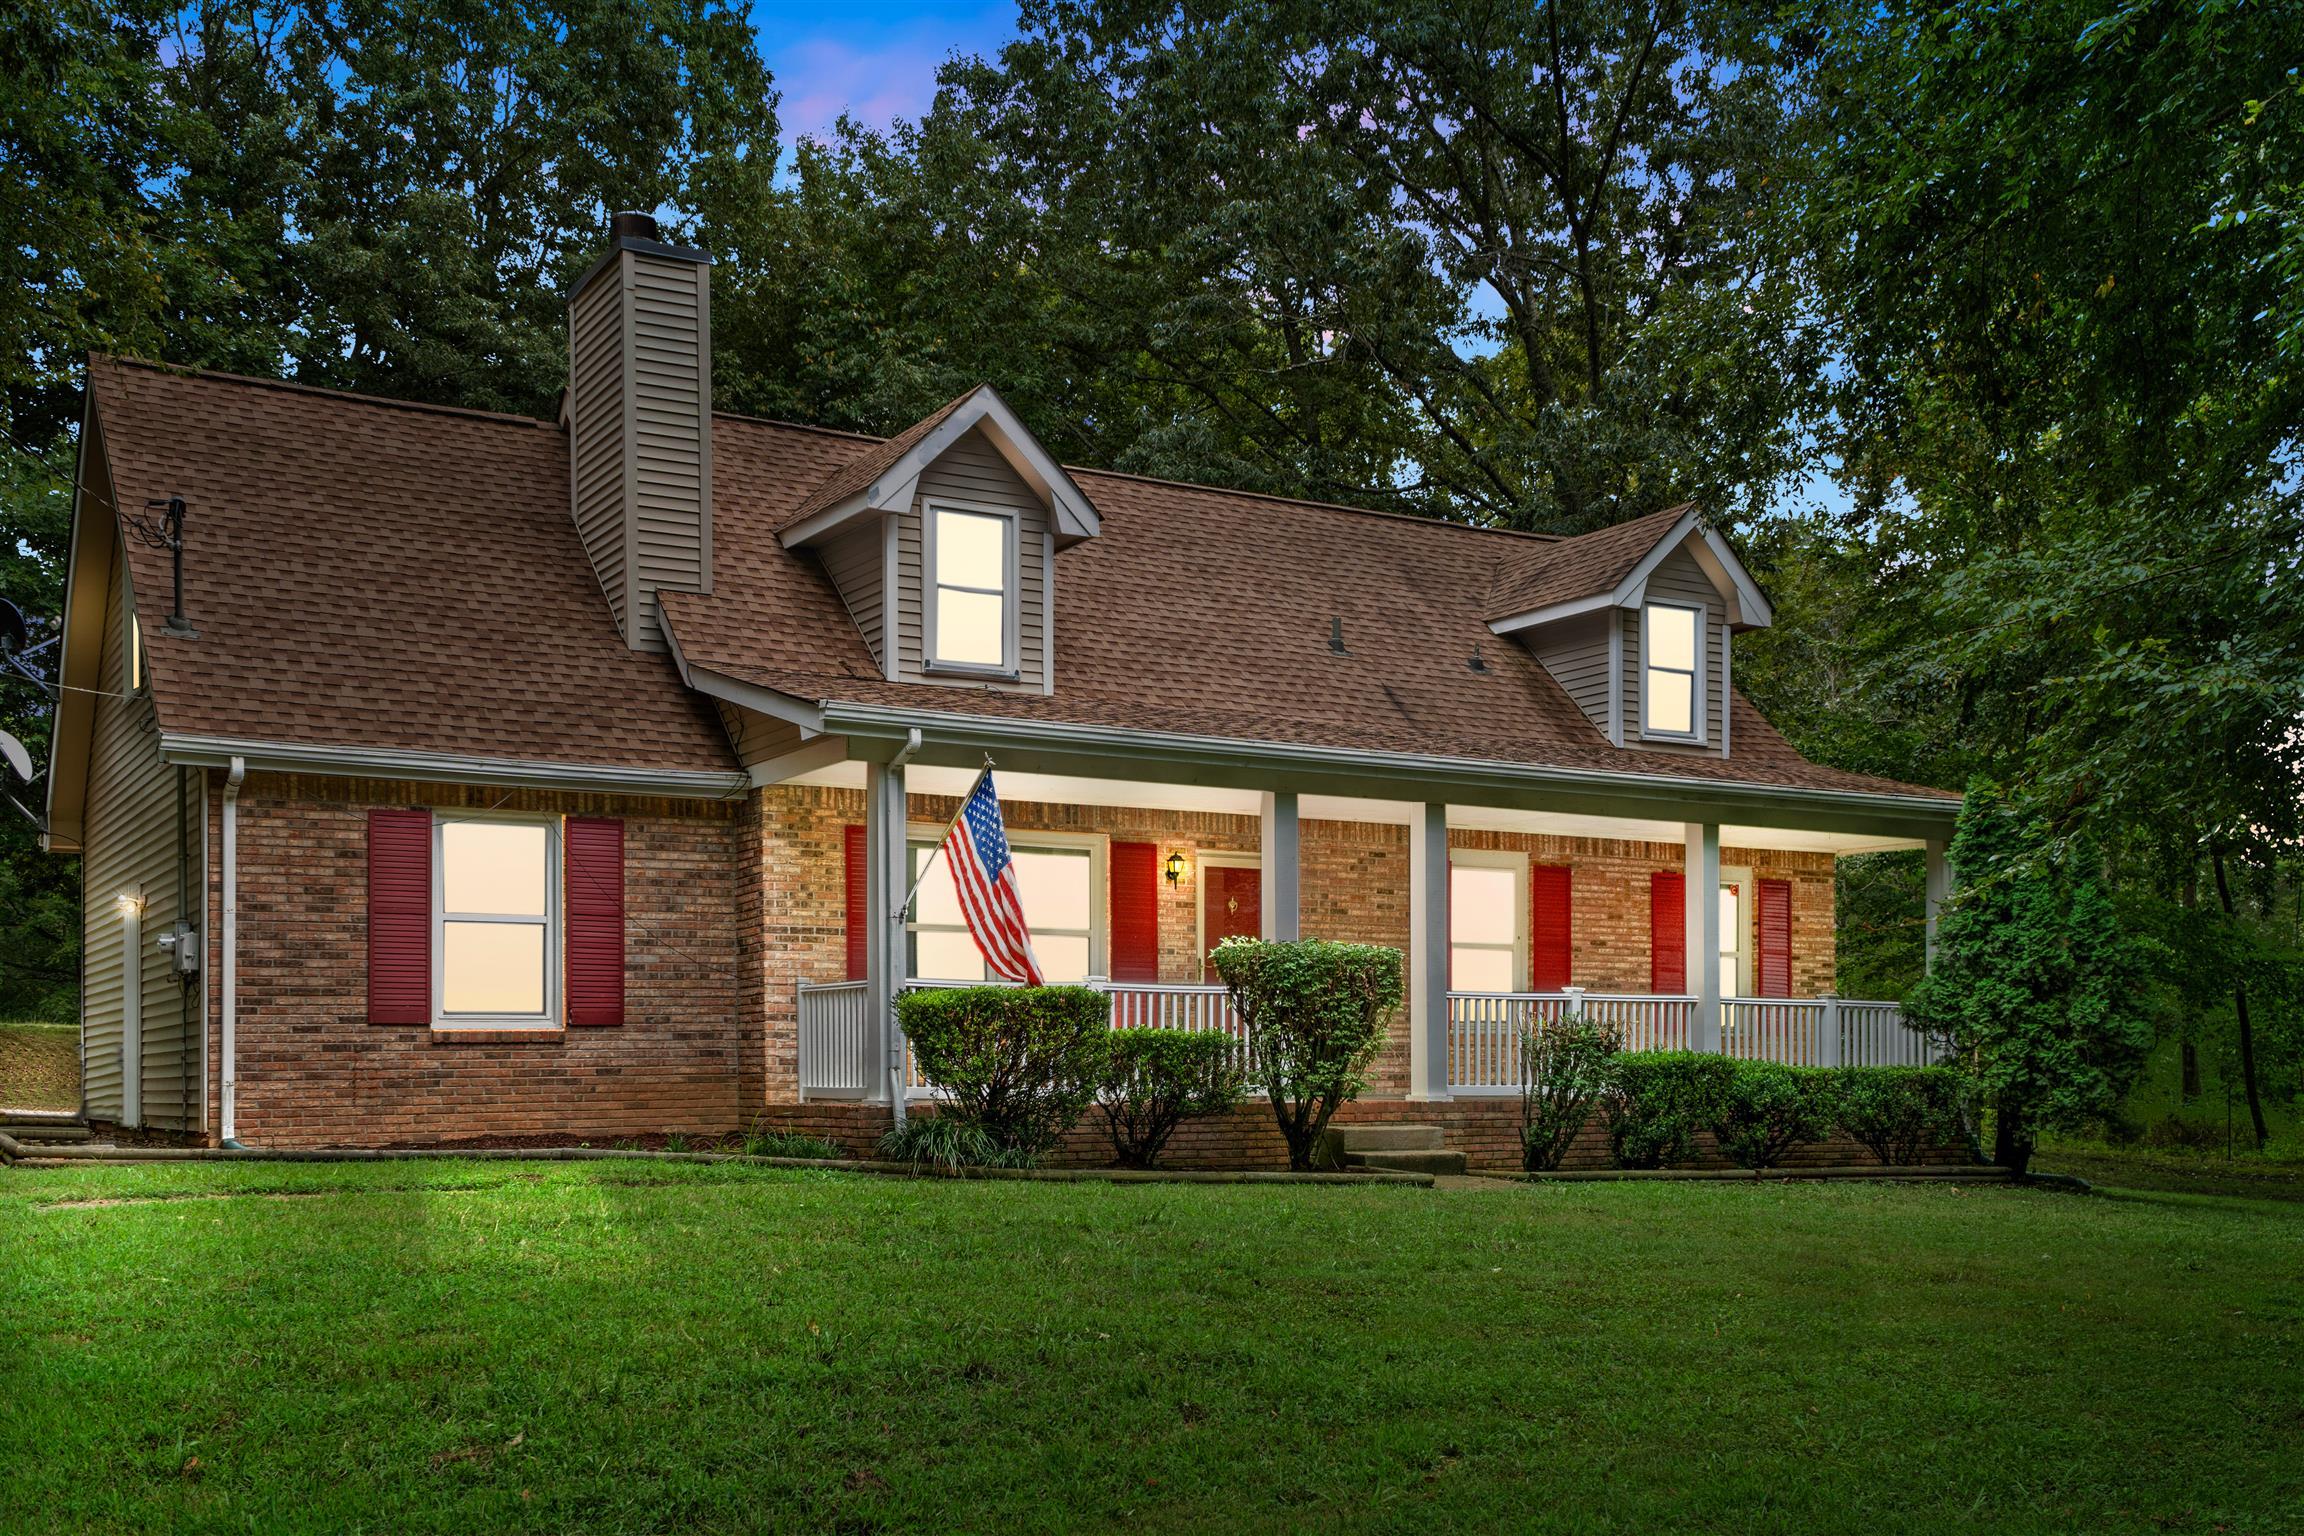 4749 Chester Harris Road, Woodlawn, TN 37191 - Woodlawn, TN real estate listing